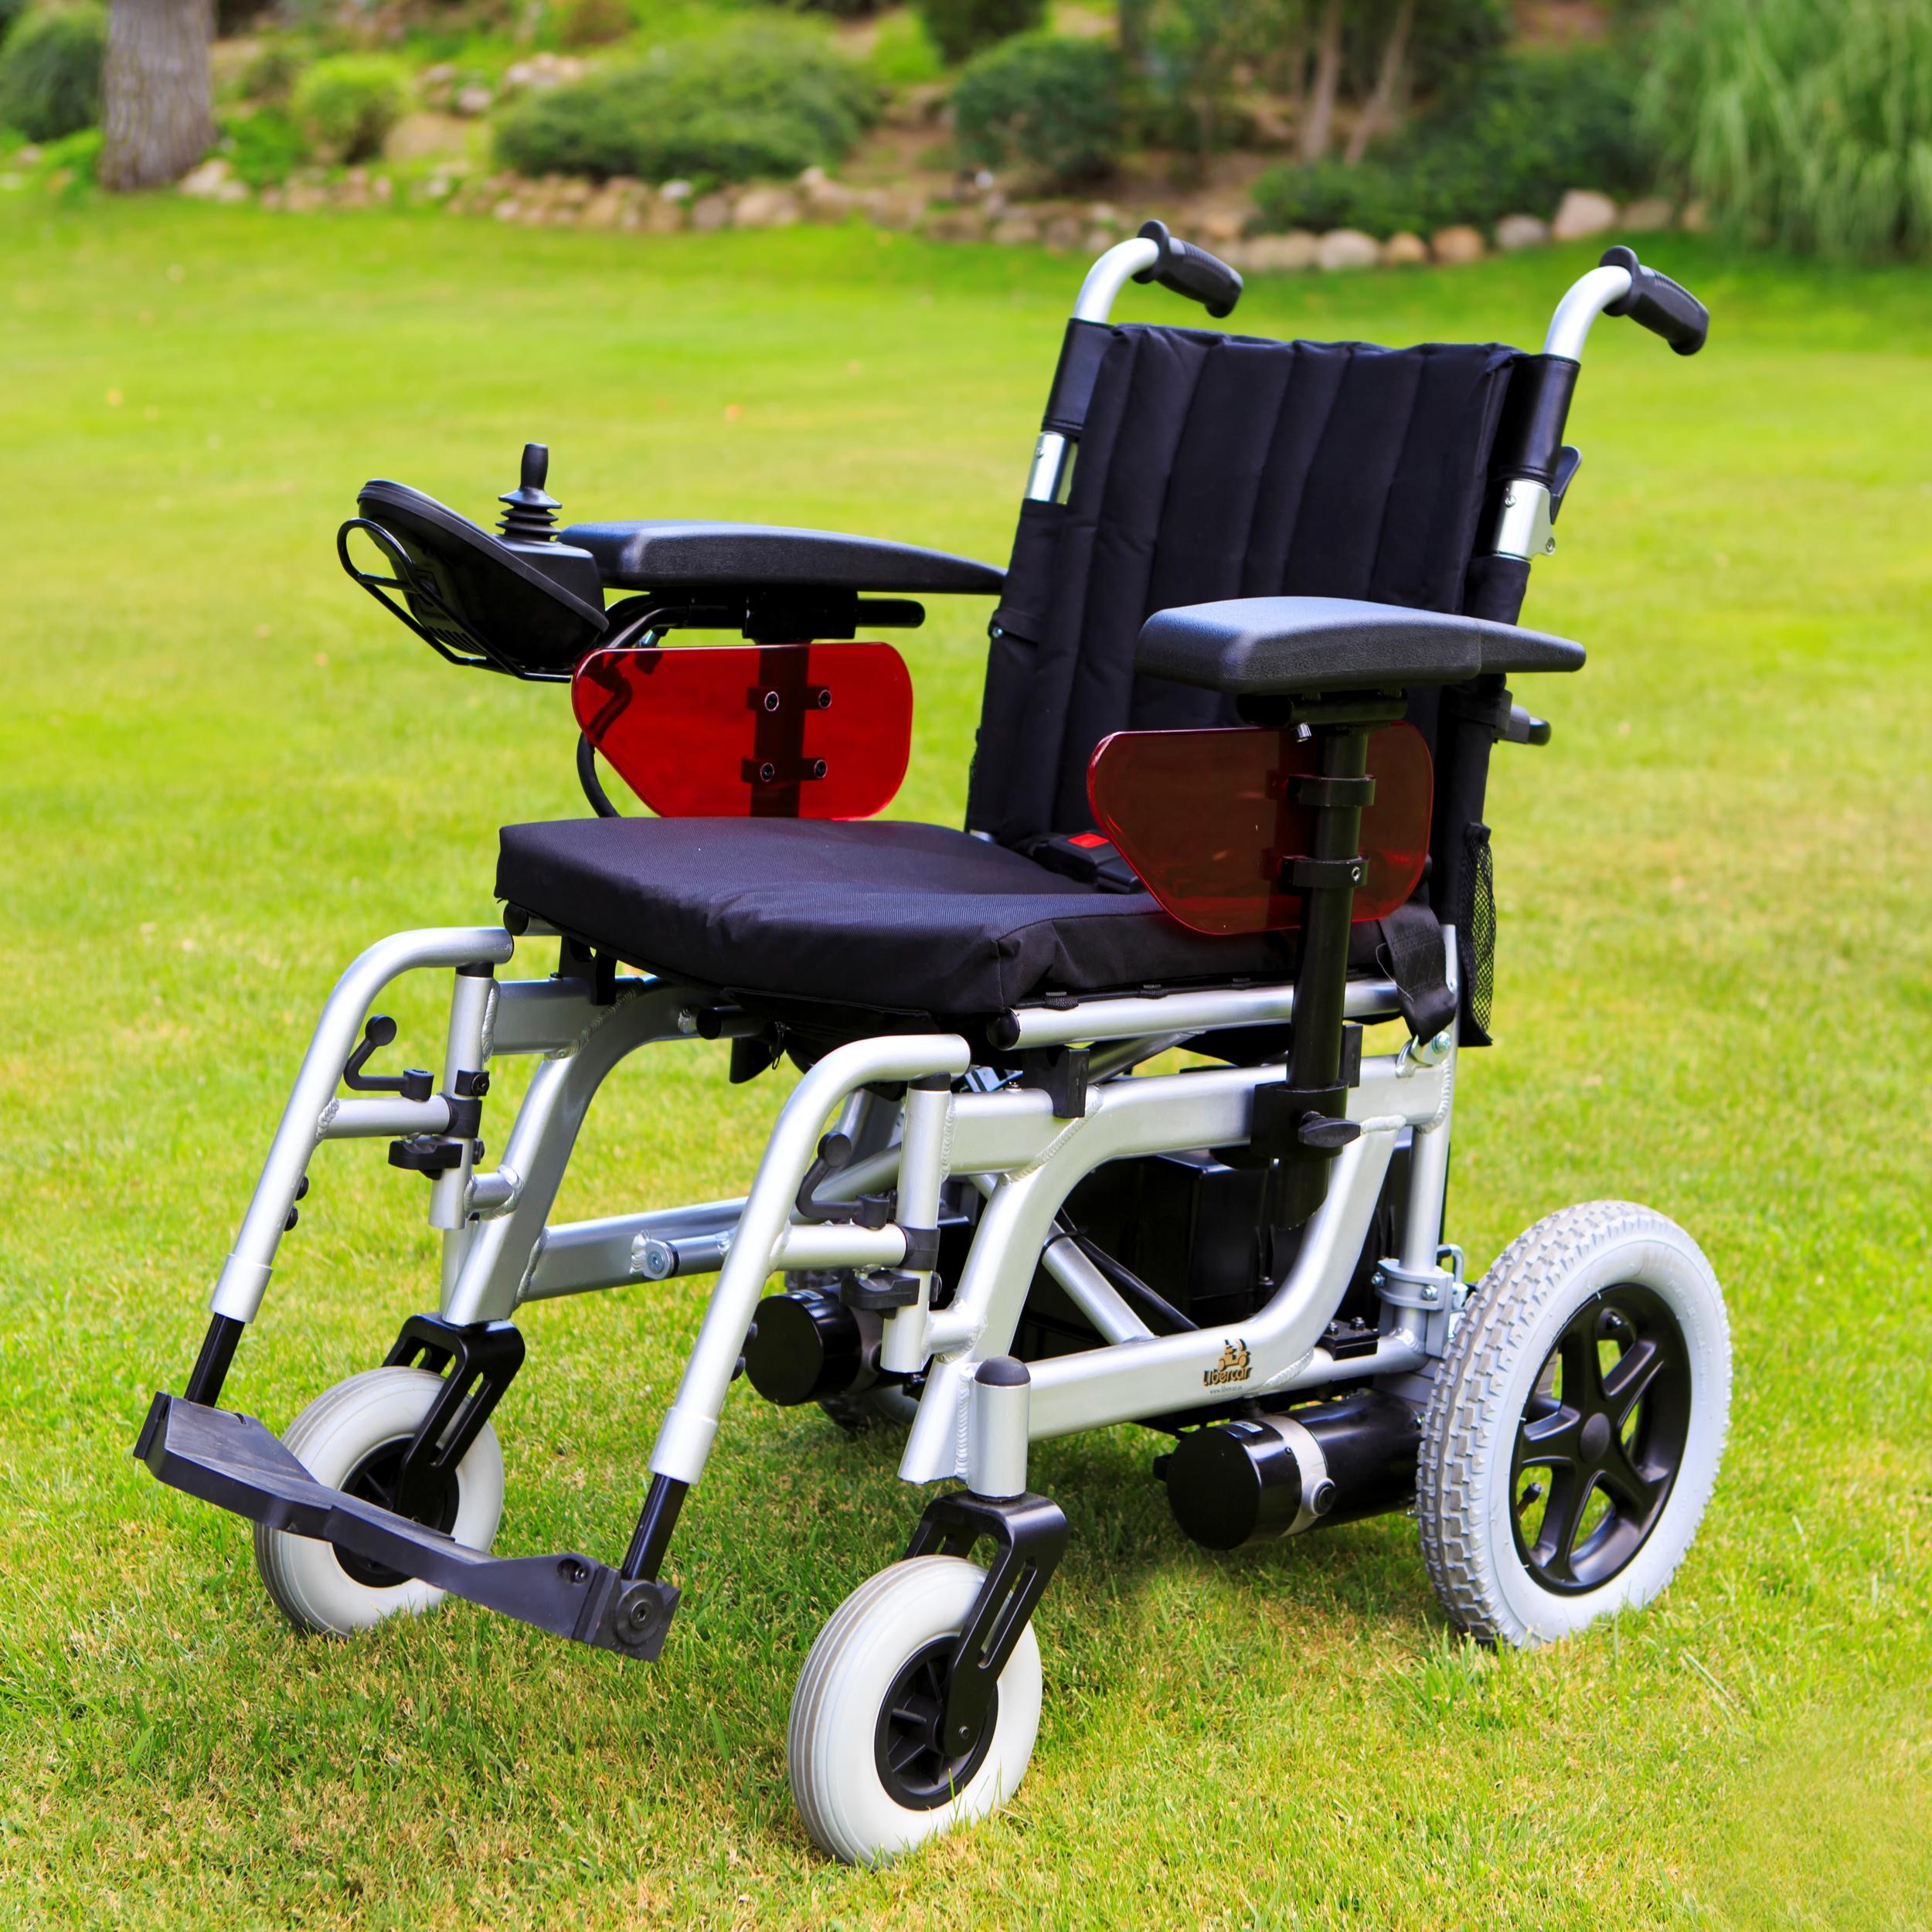 fauteuil roulant lectrique pliant emblema 2 scooters. Black Bedroom Furniture Sets. Home Design Ideas